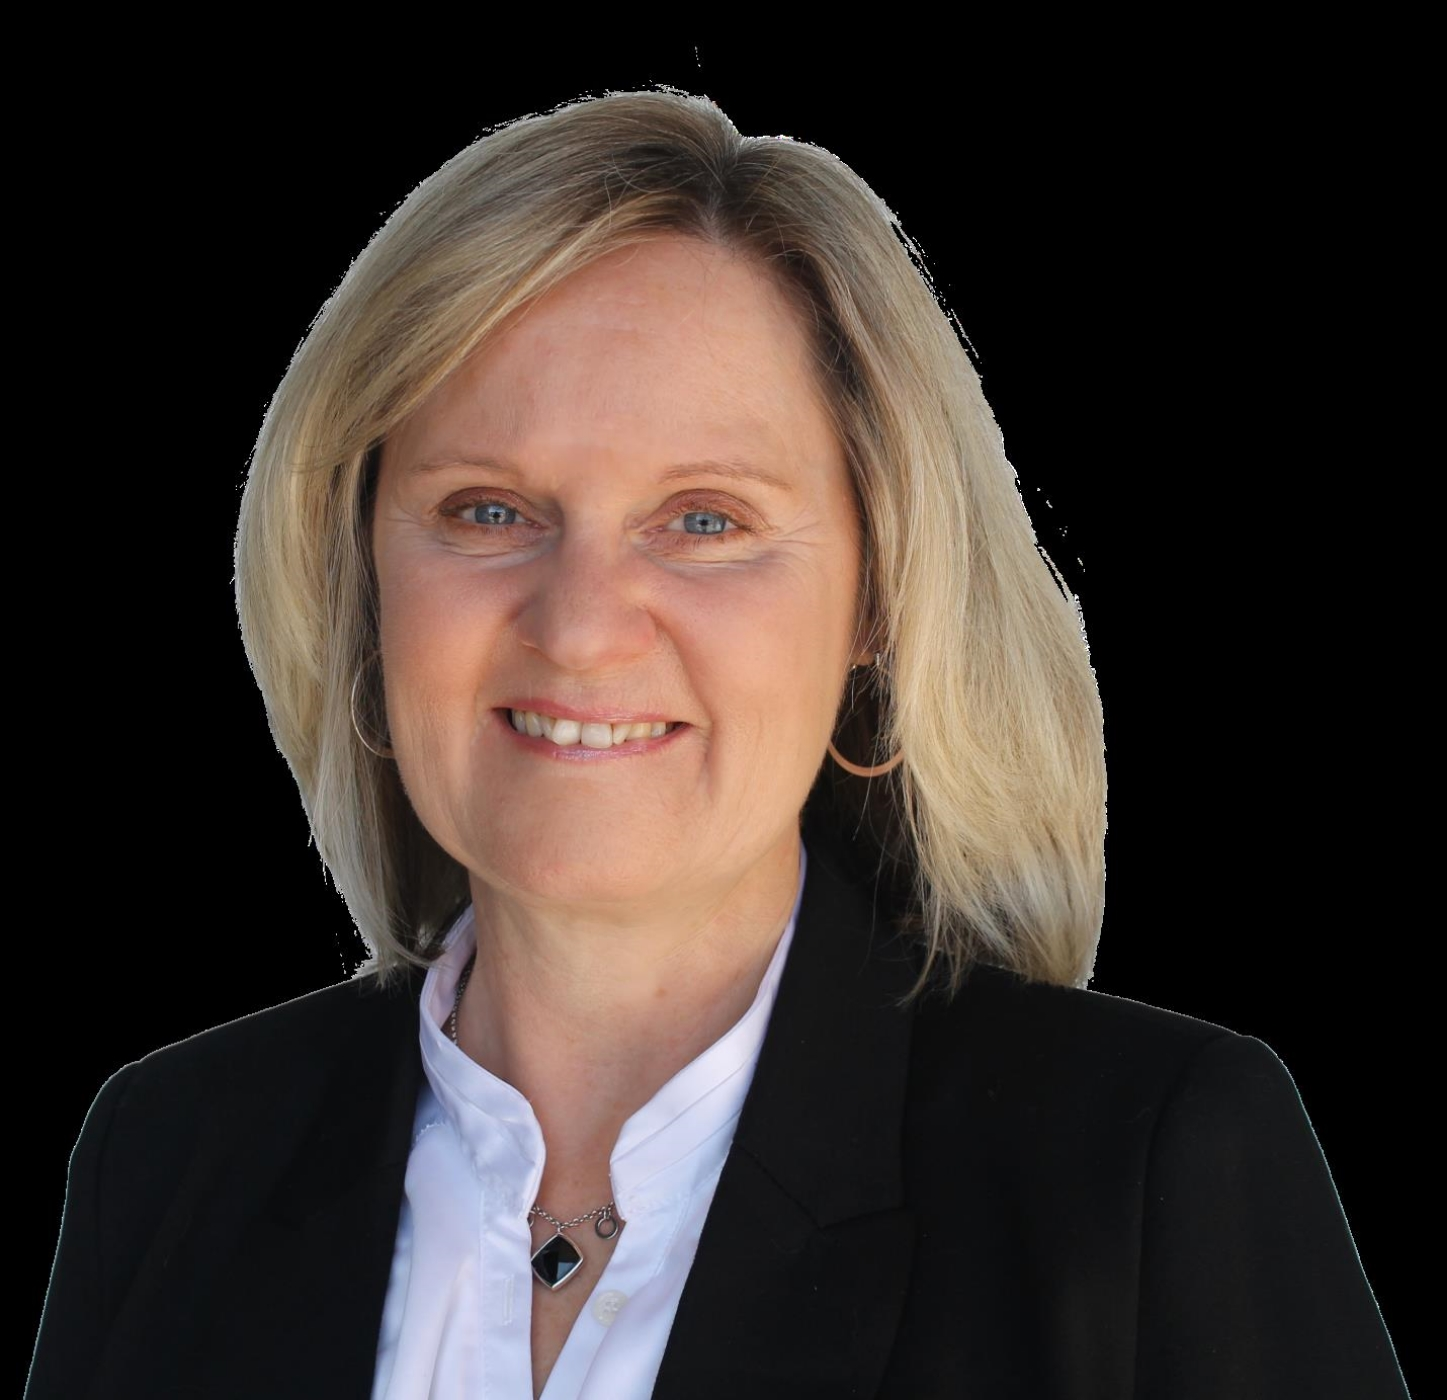 Angela Schmidt1.jpg